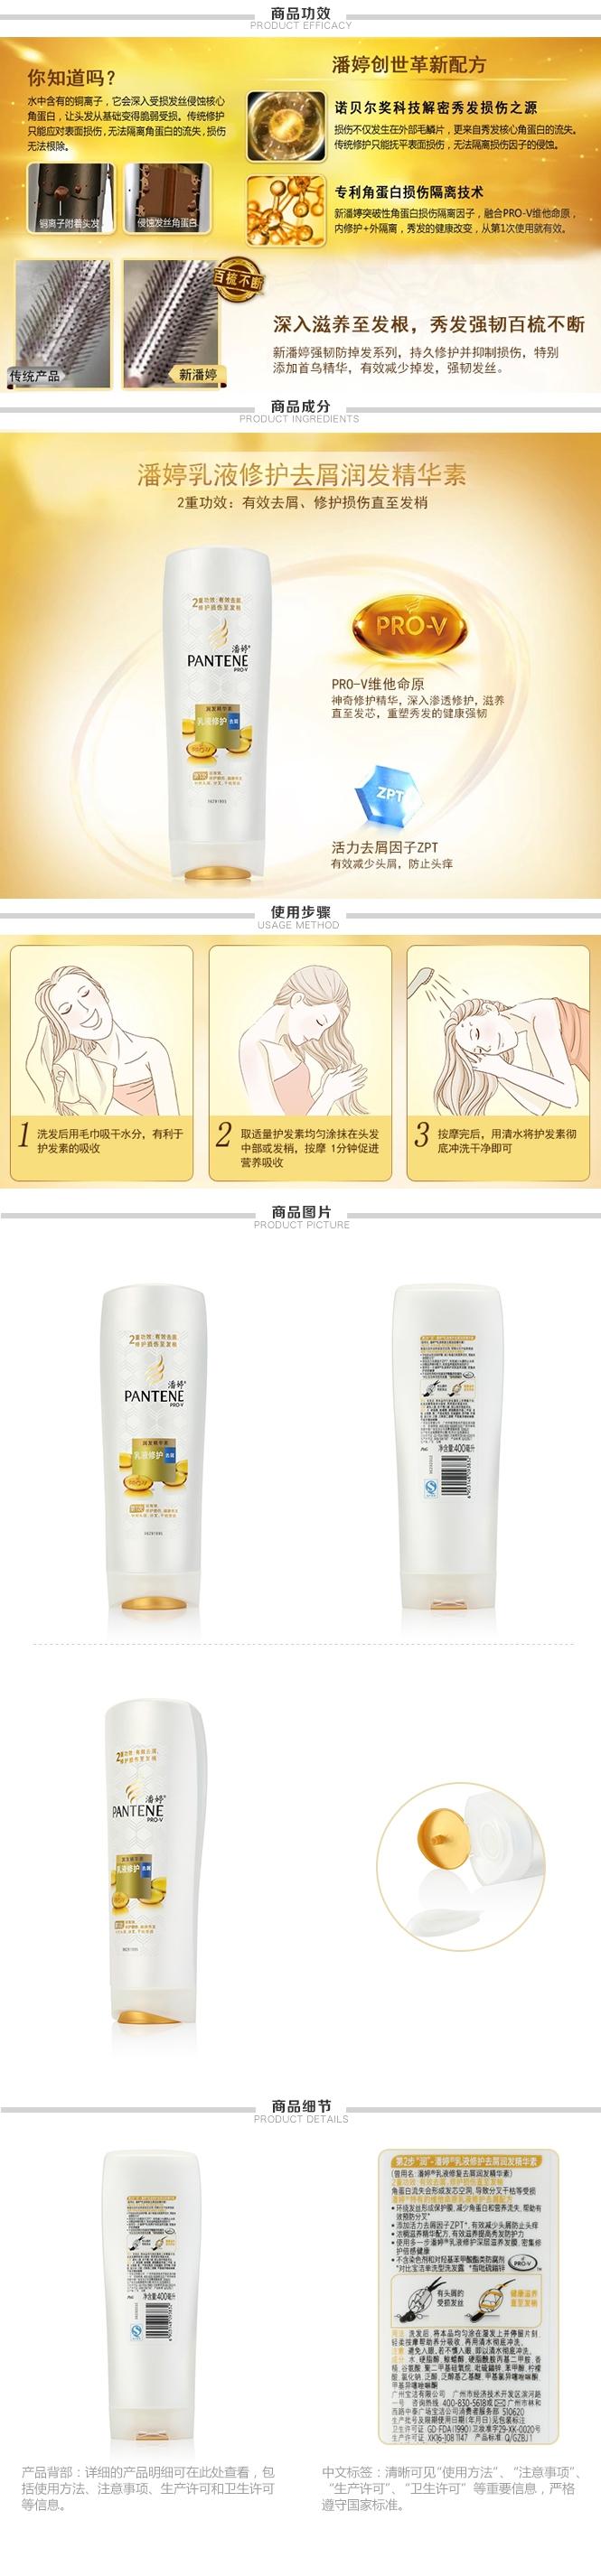 宝洁旗下品牌洗护发专场潘婷乳液修复去屑护发素400ml